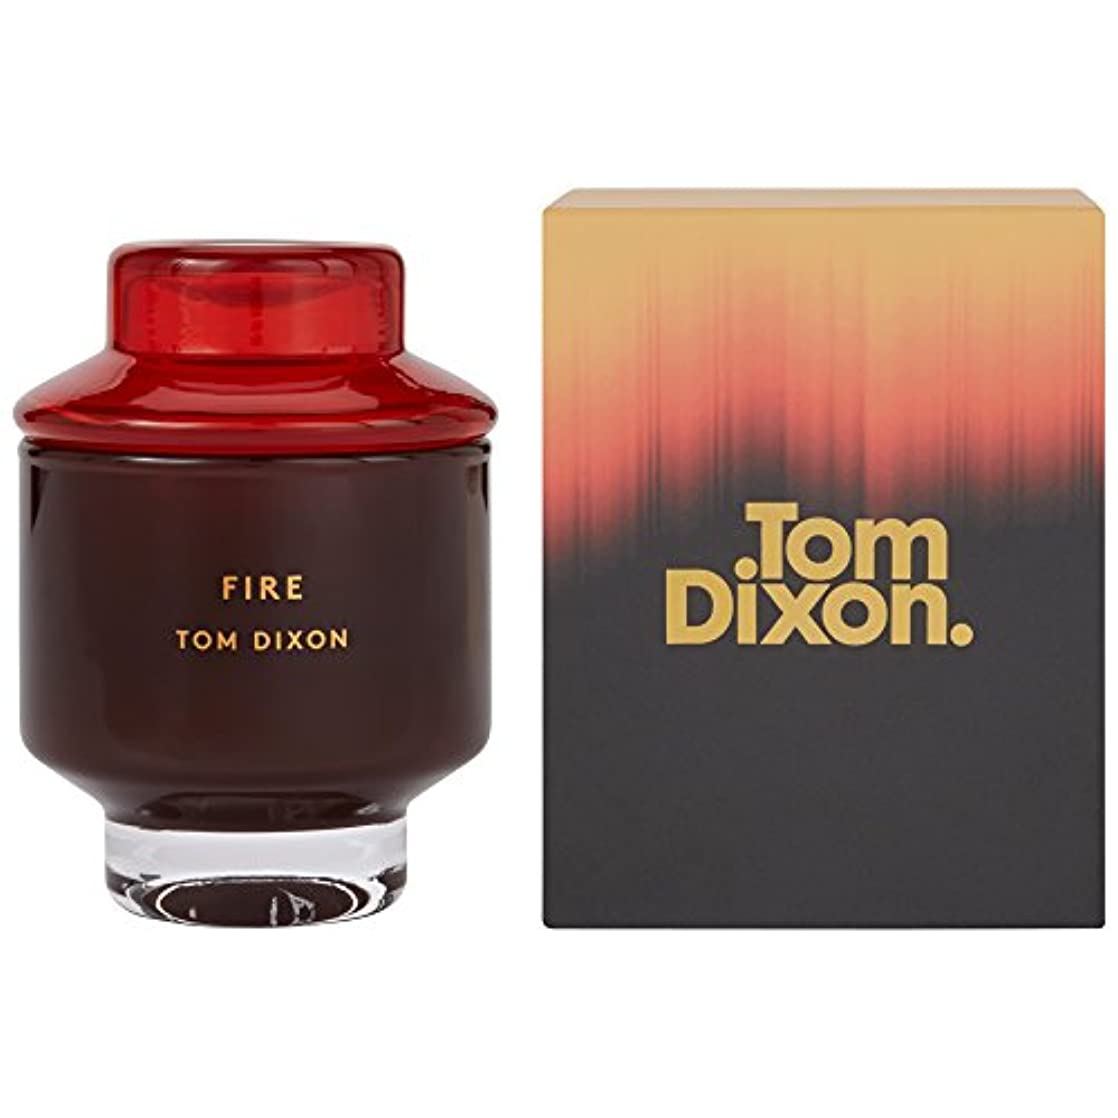 喜んで味わう影トム?ディクソン火災香りのキャンドル媒体 x6 - Tom Dixon Fire Scented Candle Medium (Pack of 6) [並行輸入品]